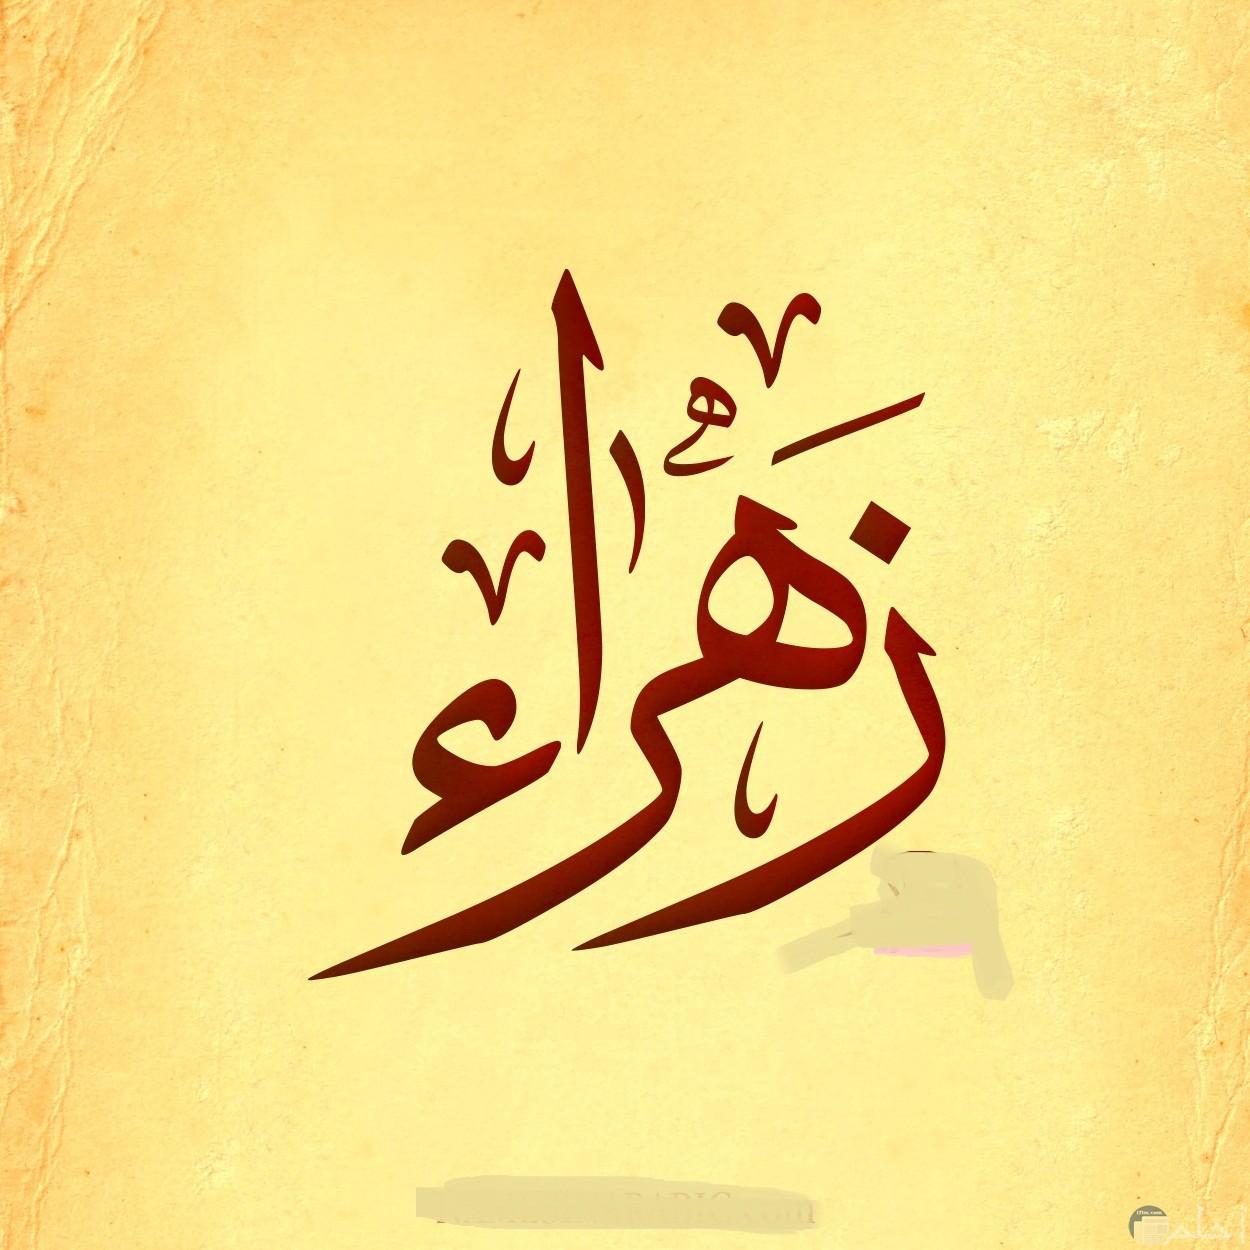 صورة لاسم زهراء بالنسخ العربى.